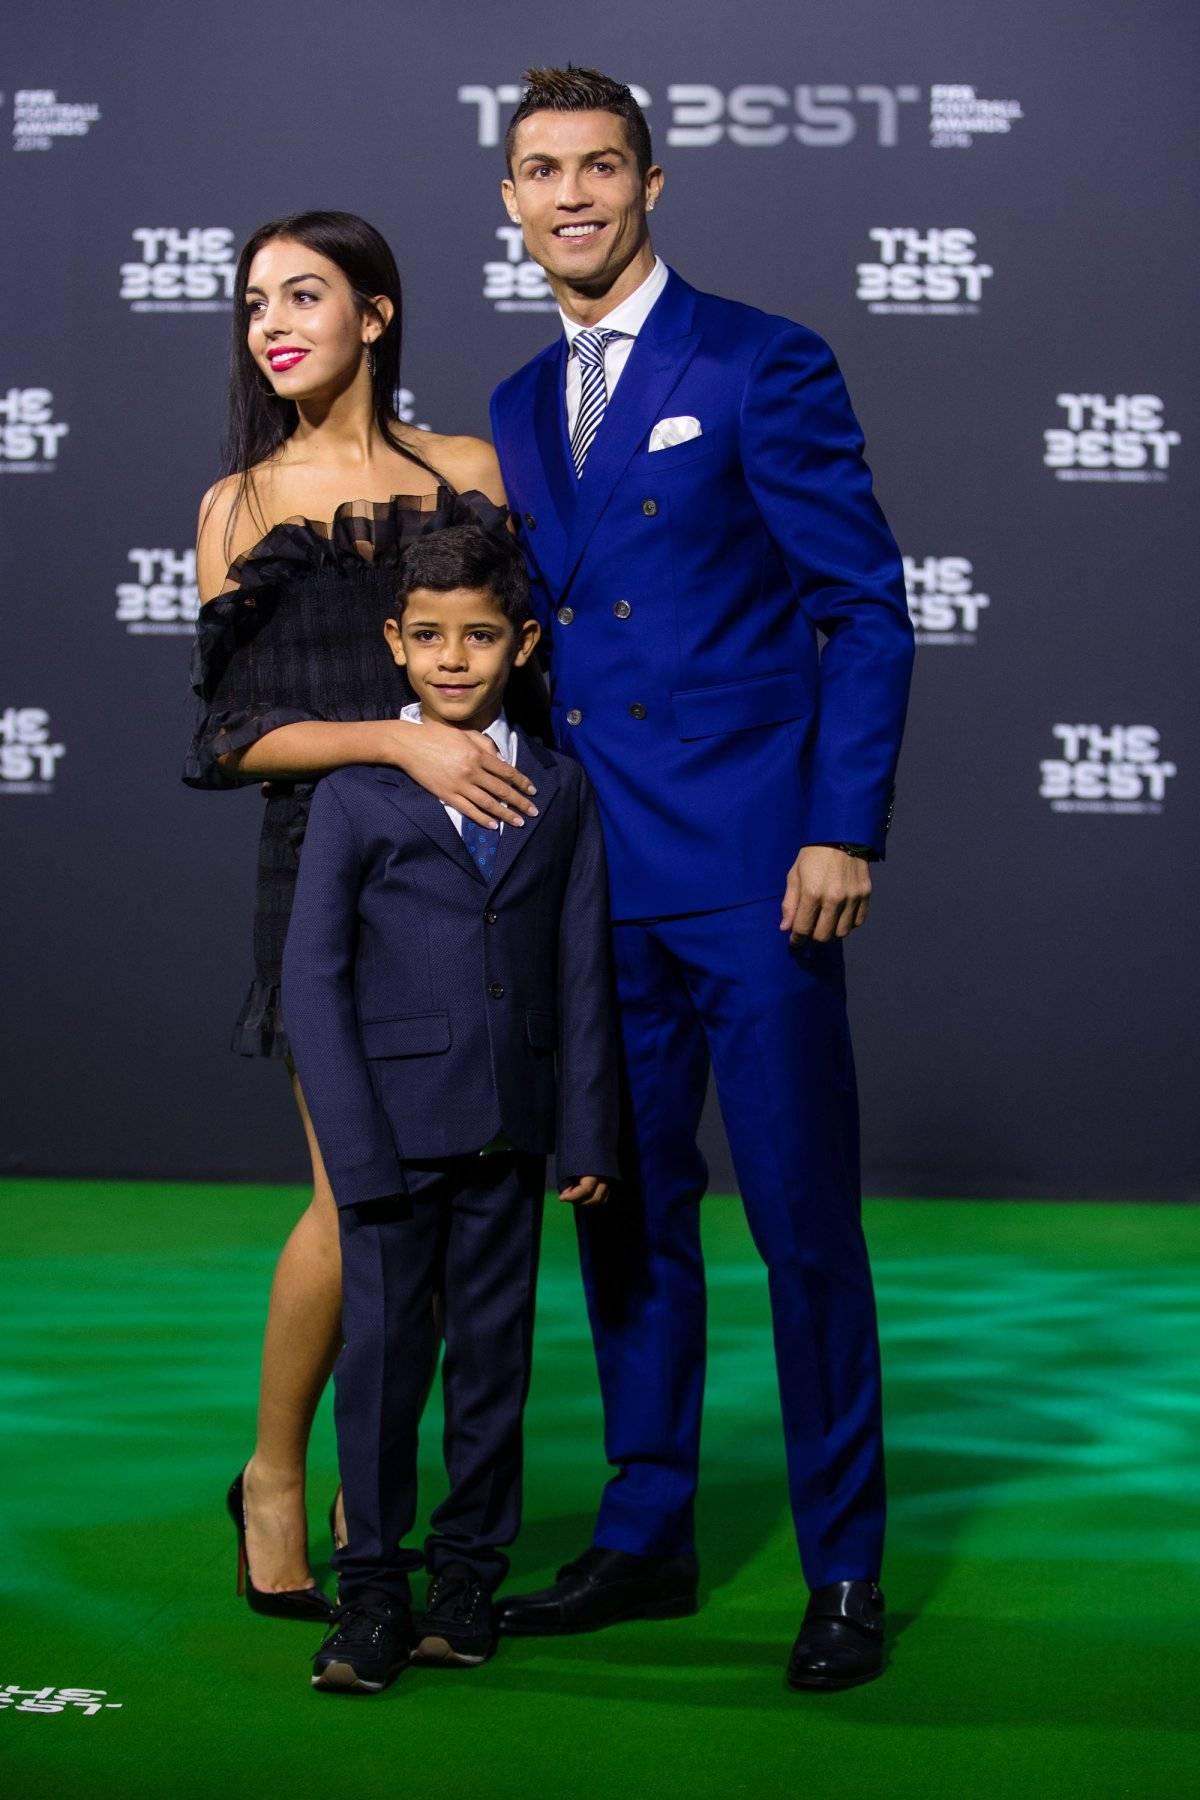 La familia de Cristiano junto a Georgina Rodríguez pasa uno días de descanso |GETTY IMAGES